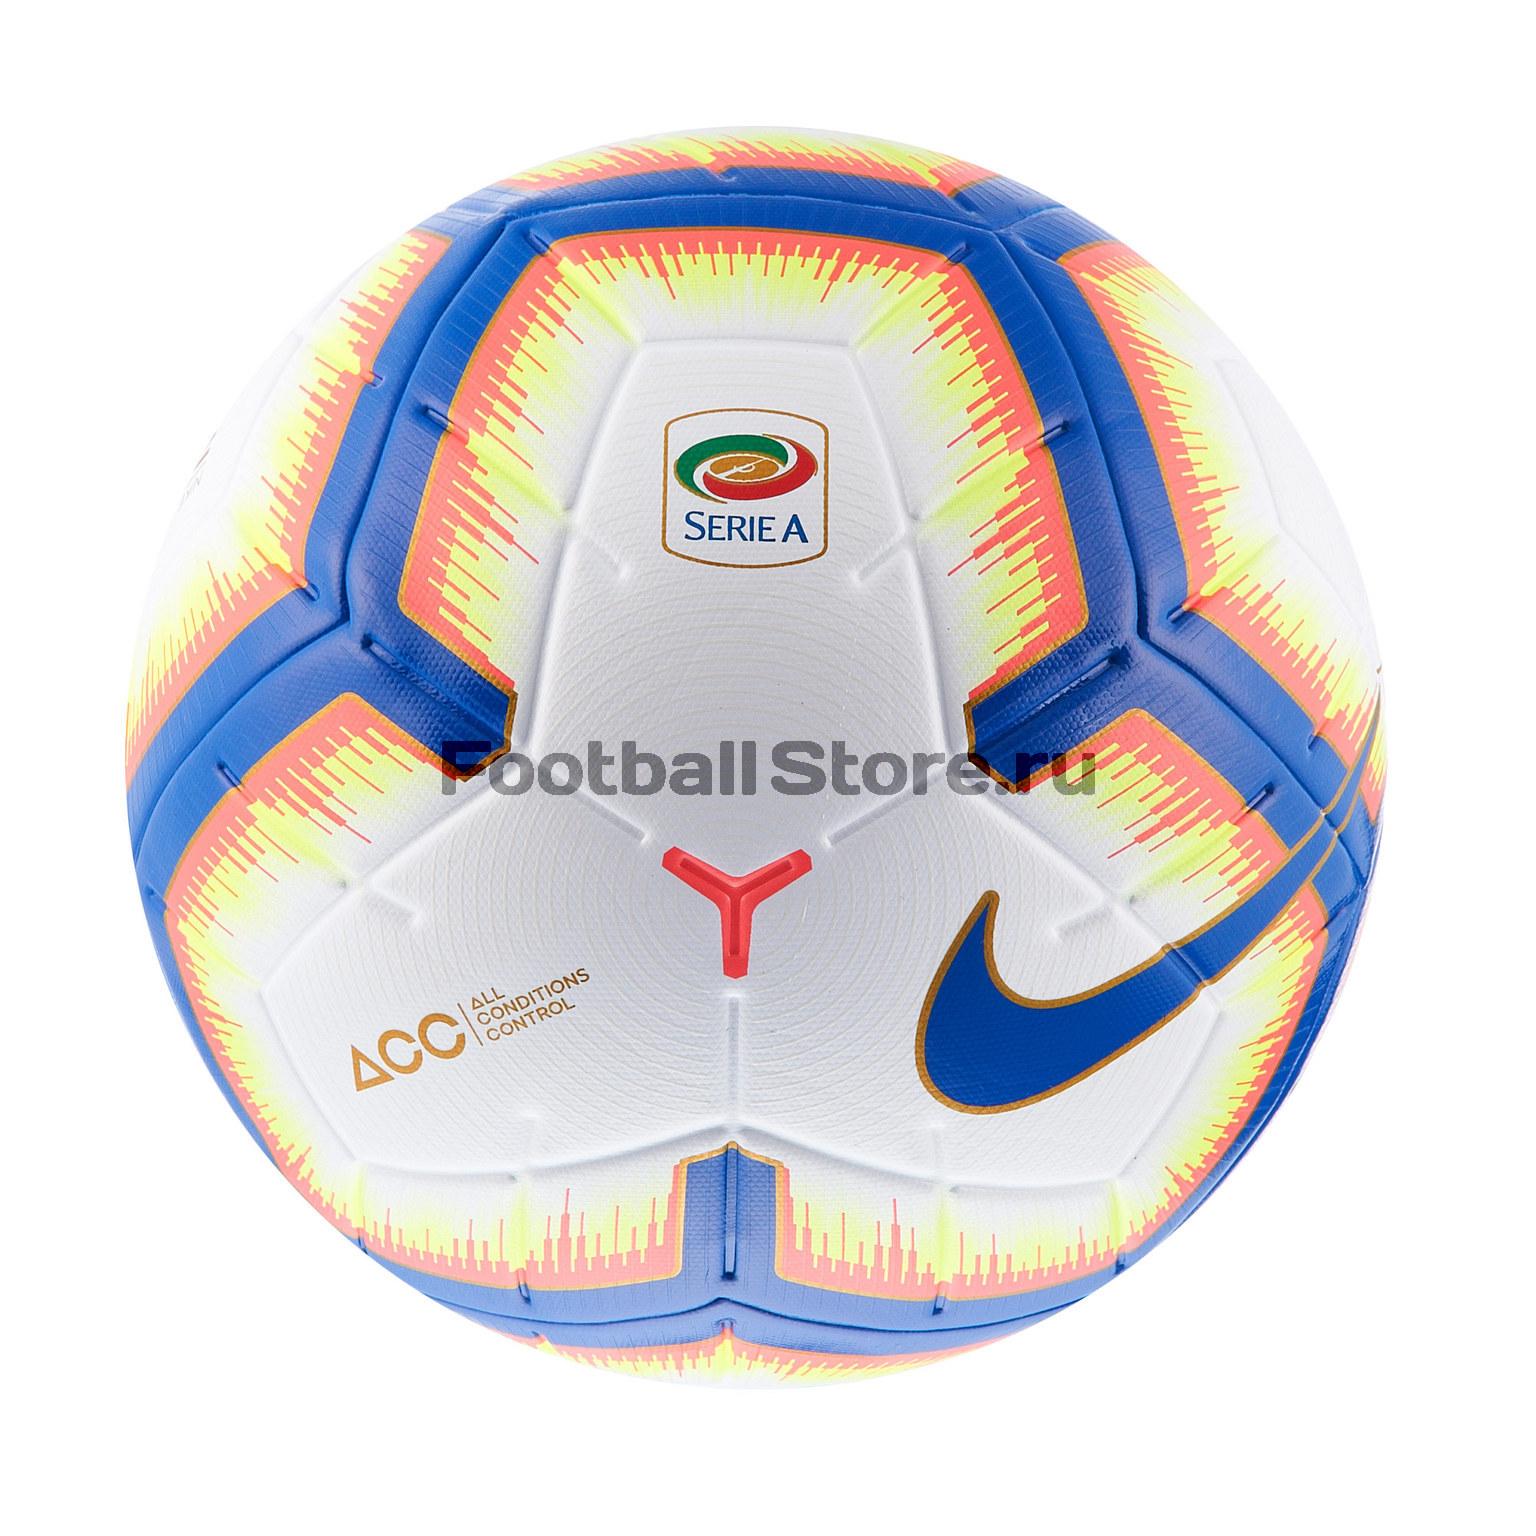 Футбольный мяч Nike Serie A (Италия) Merlin SC3373-100 цена